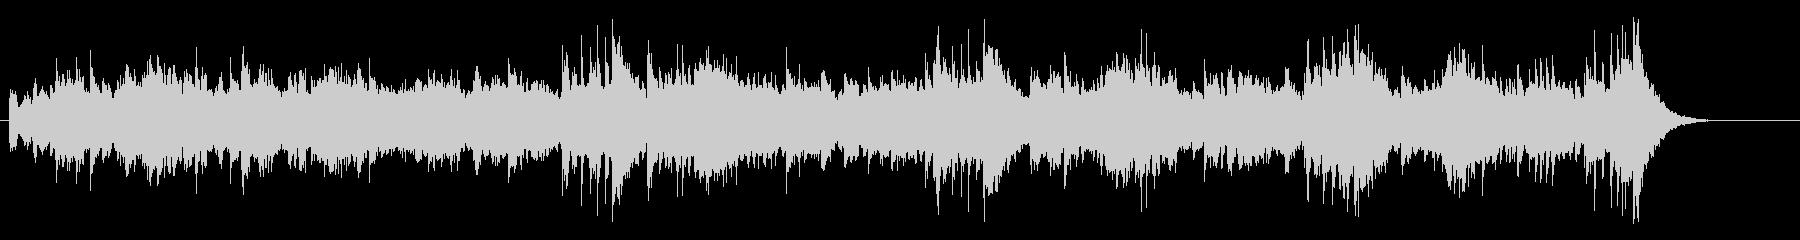 重厚なノンフィクション系のマイナーBGMの未再生の波形